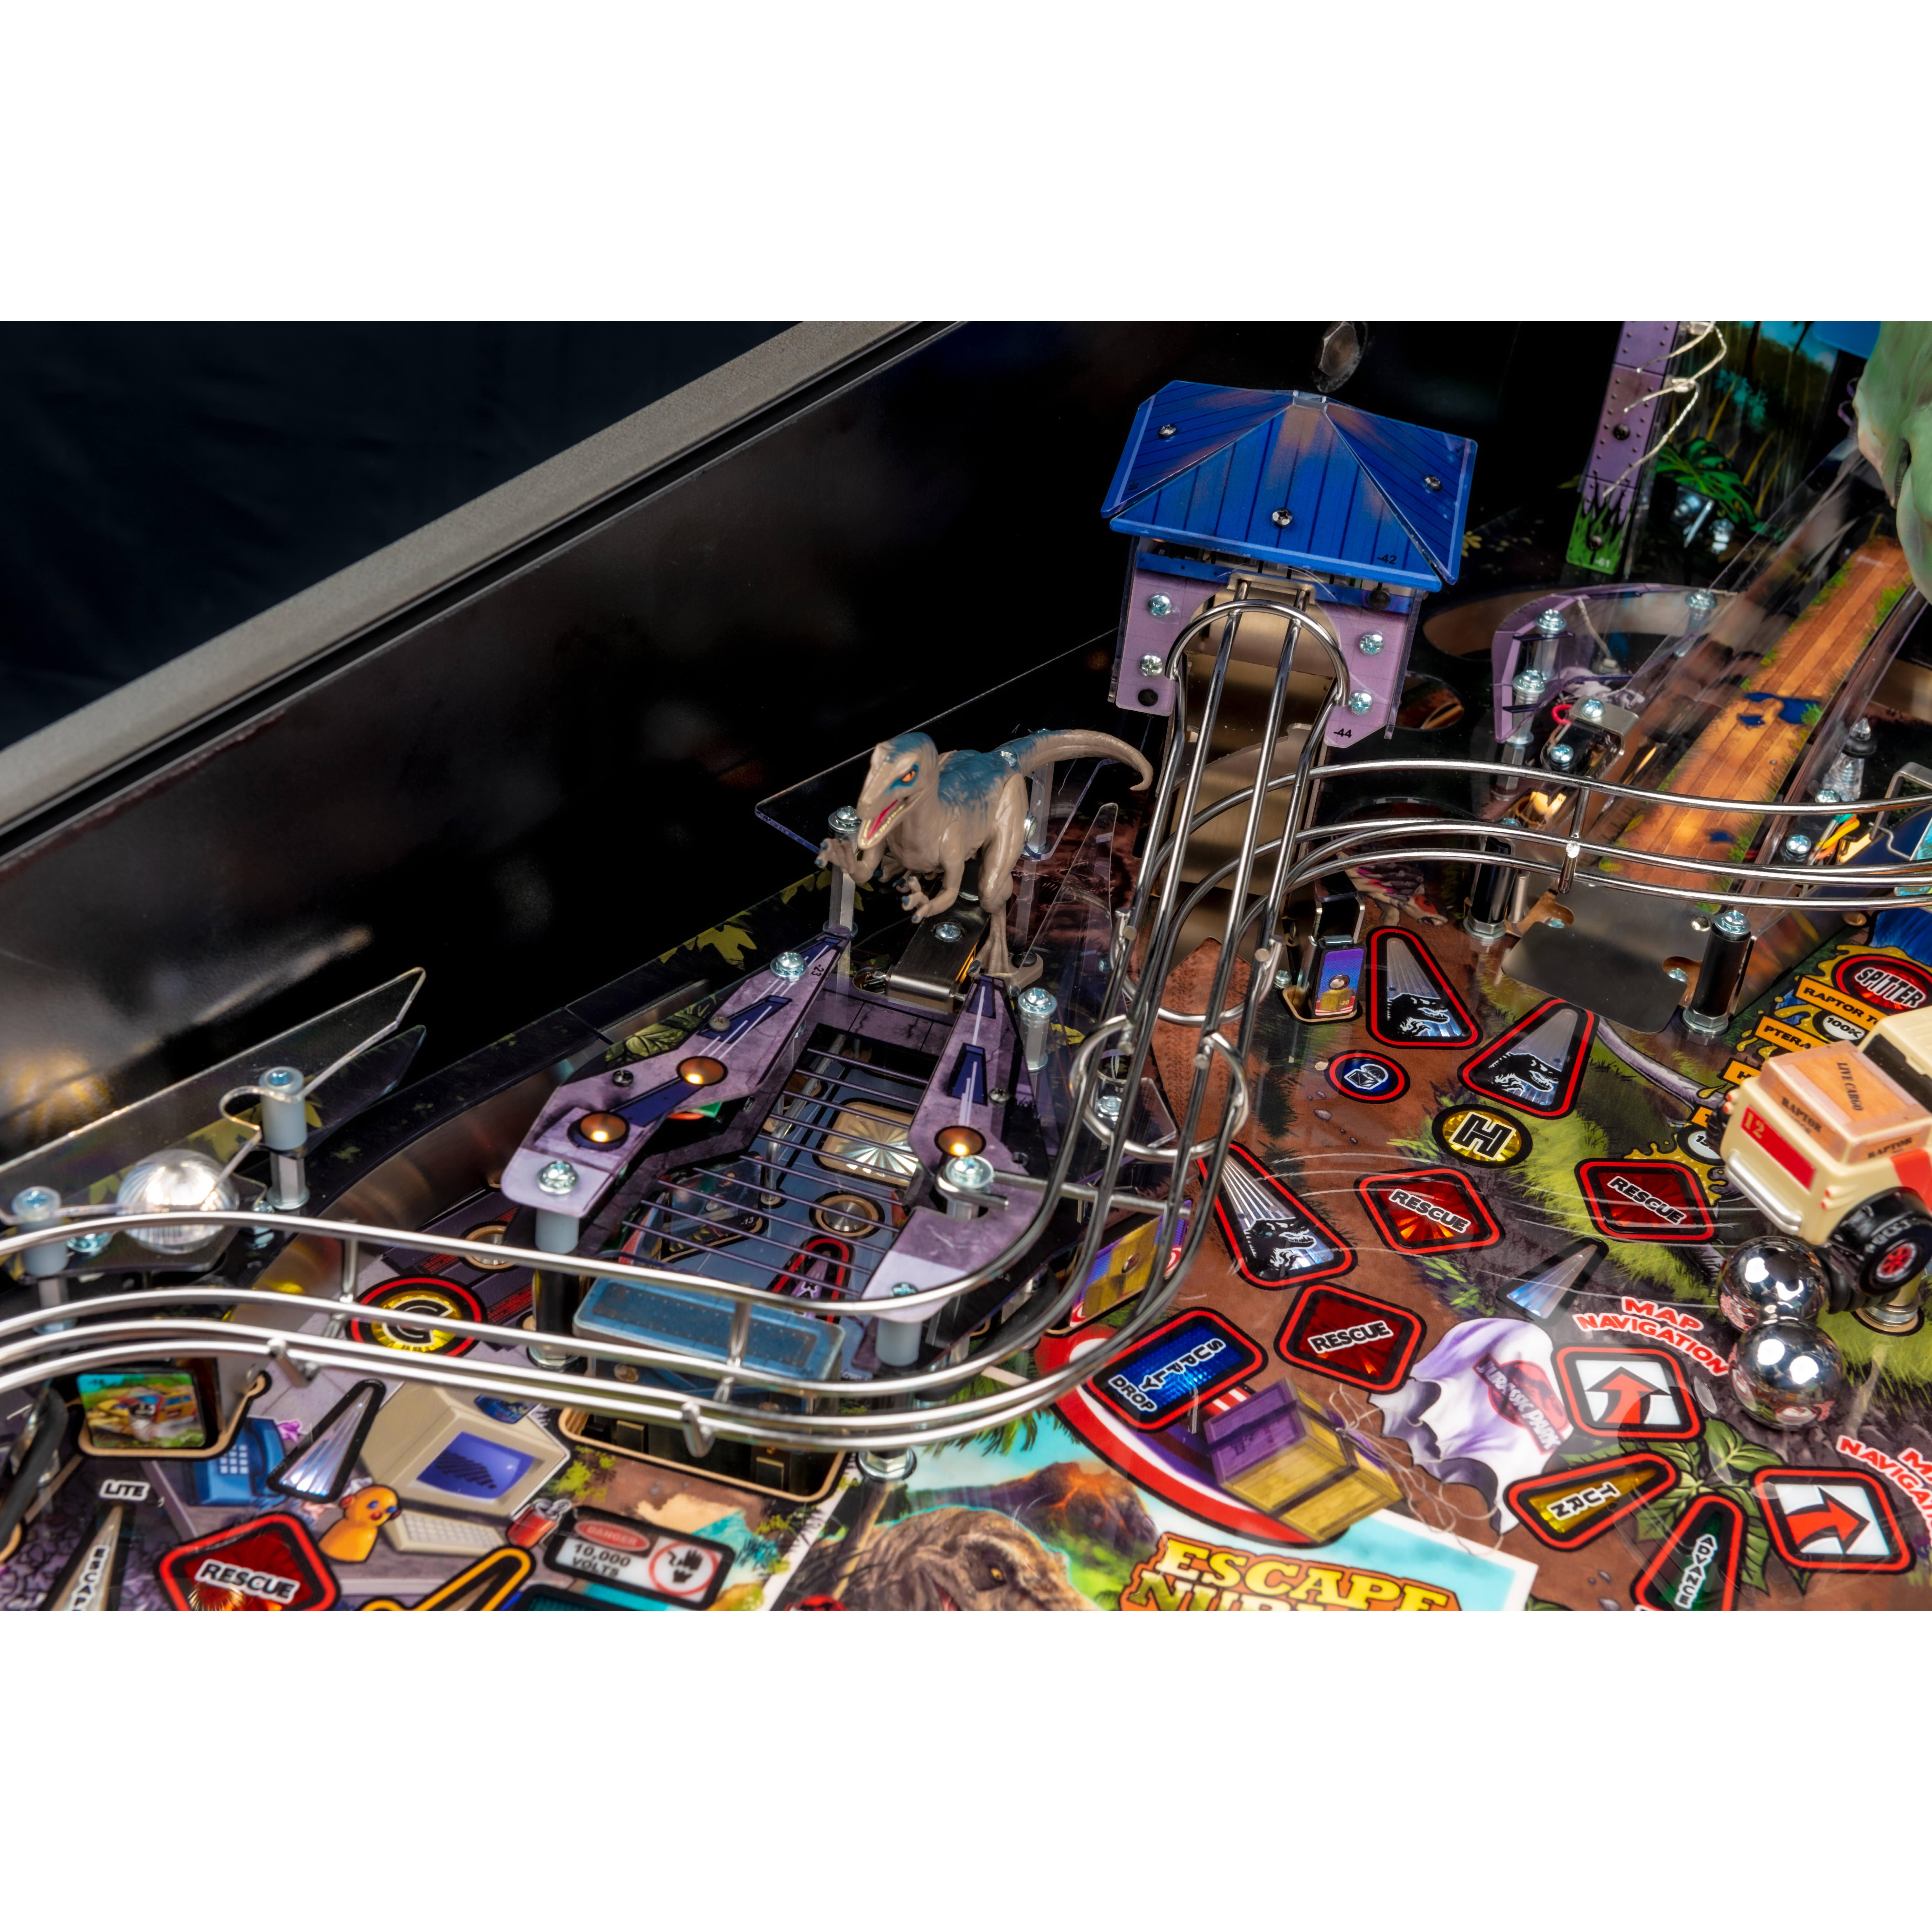 Buy Jurassic Park Pinball Machine